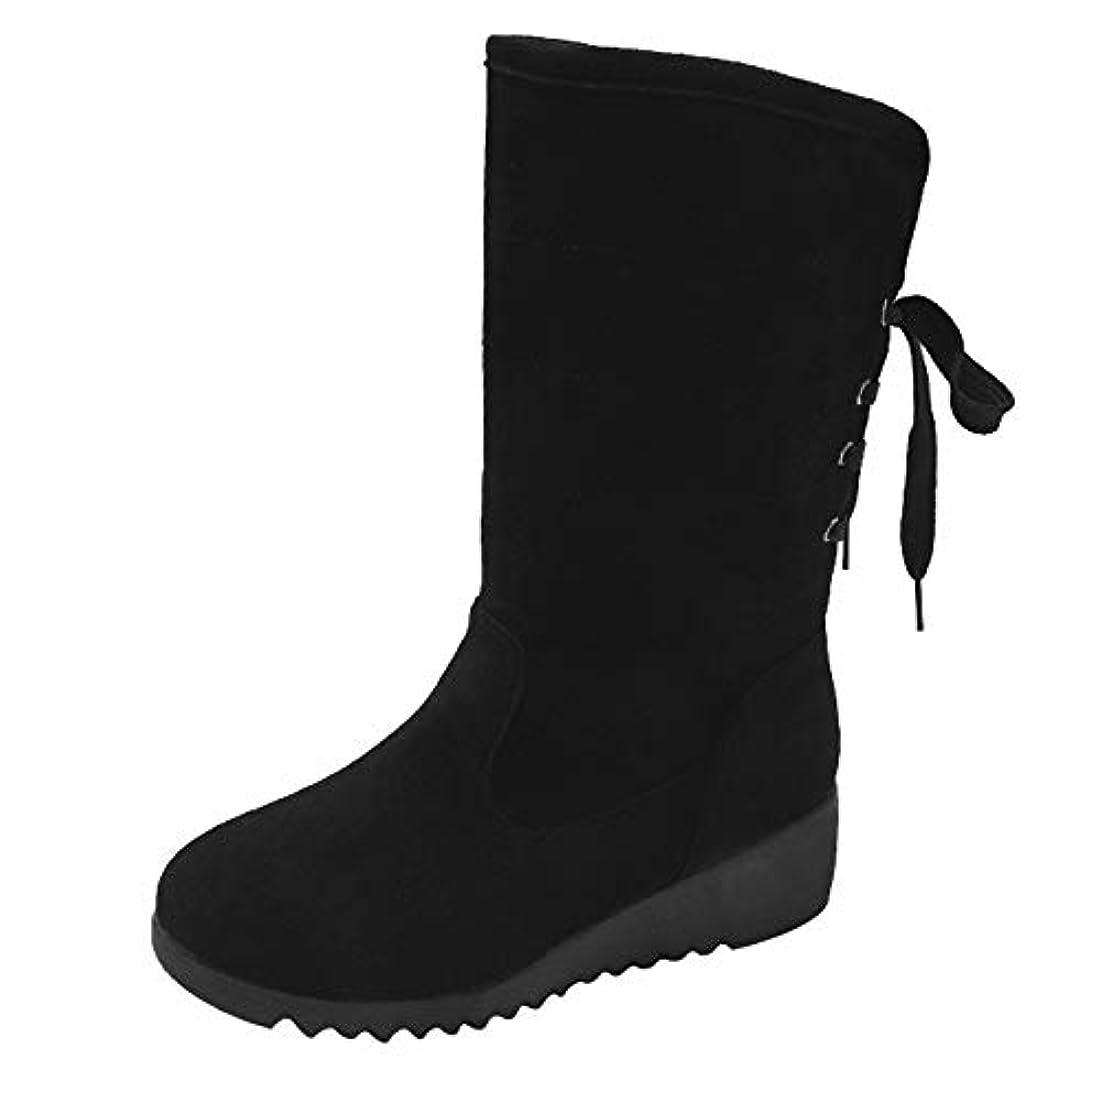 涙が出る祈り相談[レディース] スノーブーツ スノーシューズ 防水 冬用 カジュアル 綿靴 雪靴 防寒 防滑 保暖 ブーツ [春の屋] 女性スエードブーツウェッジミドルチューブブーツカジュアルウォームシューズスノーブーツ